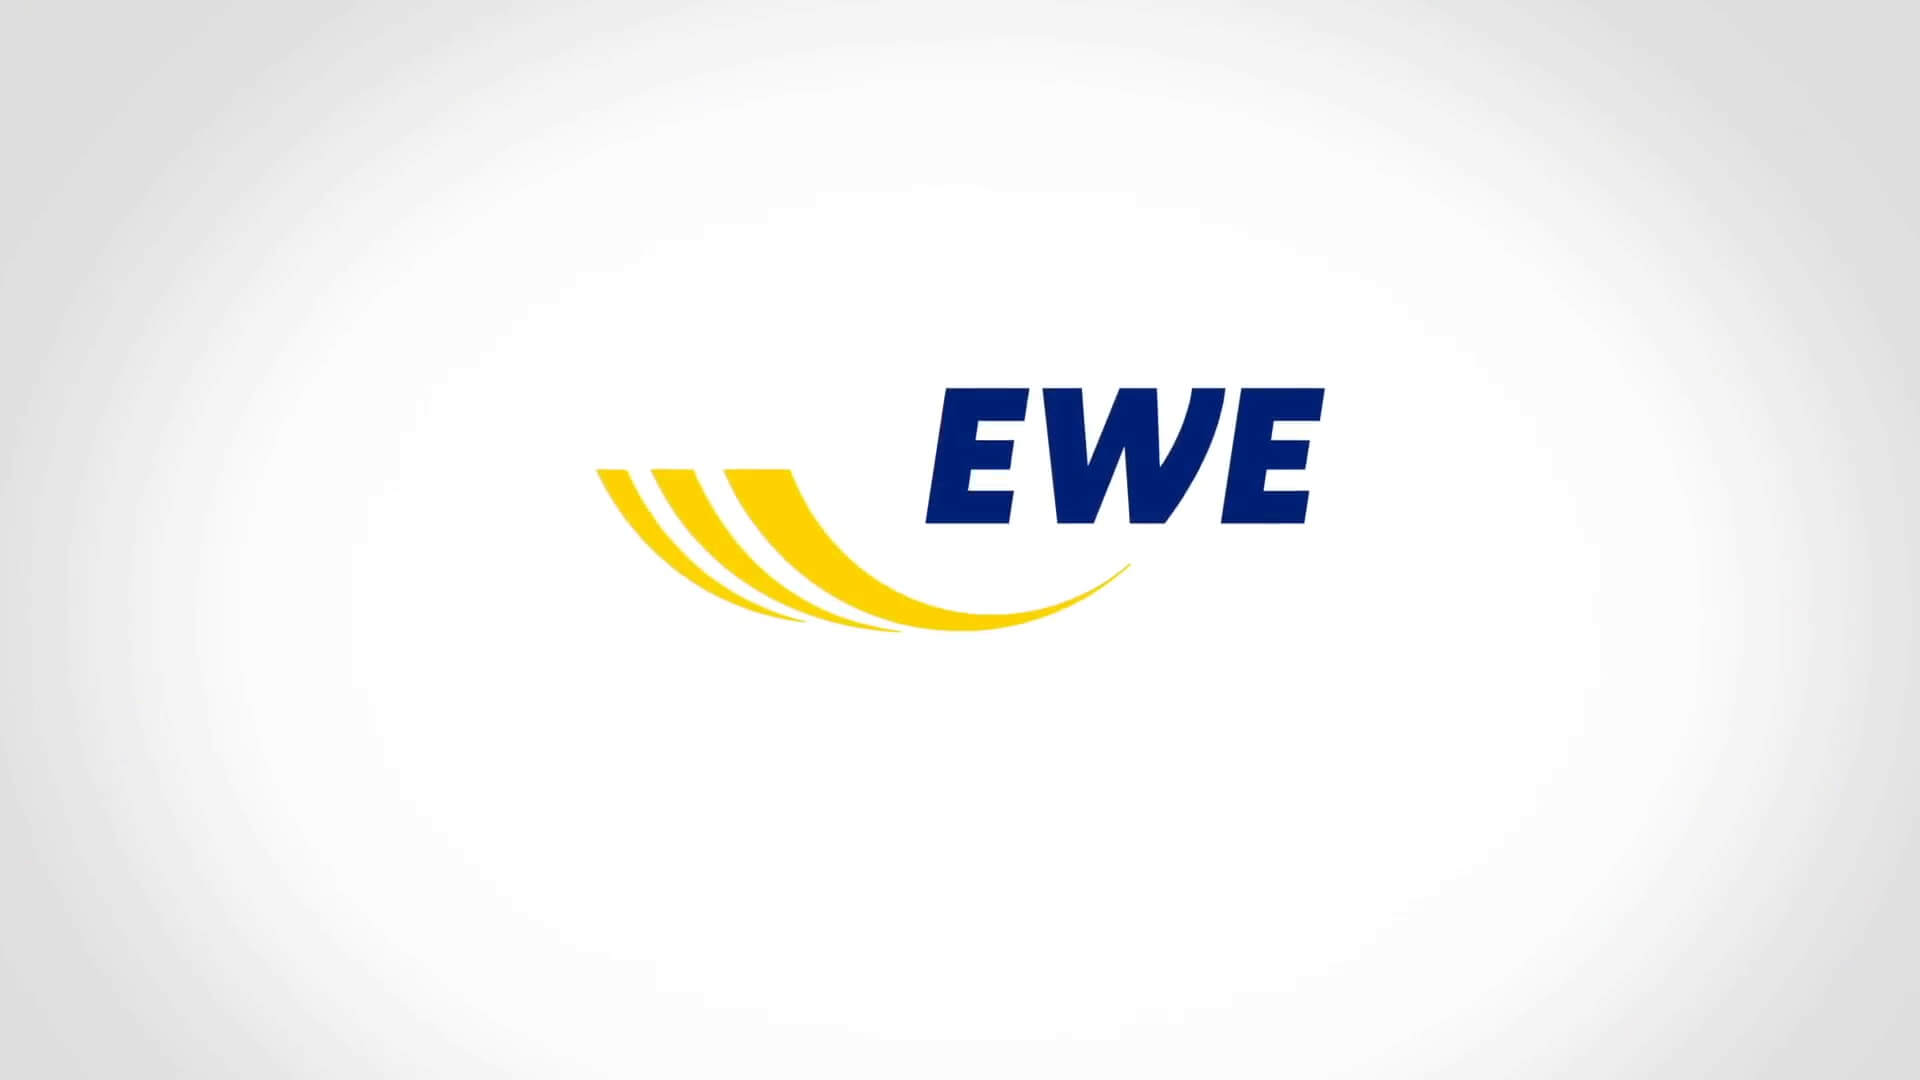 ewe-geburtstagsvideo-2018-logo-abspann